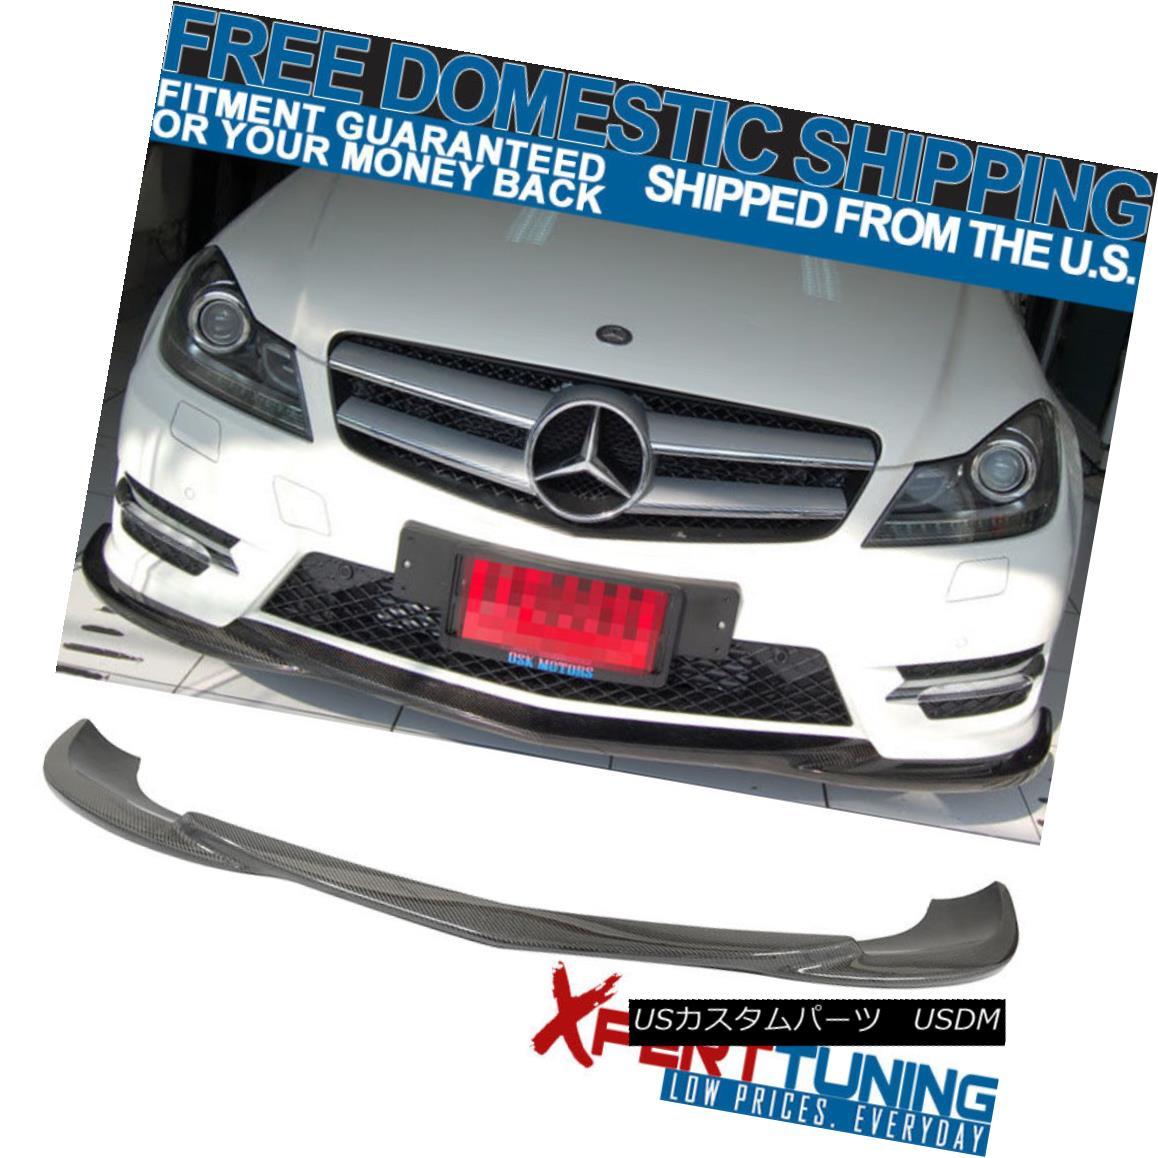 エアロパーツ 12-14 Benz C-class W204 LCI Godhand Carbon Fiber CF Front Bumper Lip Spoiler 12-14ベンツCクラスW204 LCIゴッドハンドカーボンファイバーCFフロントバンパーリップスポイラー